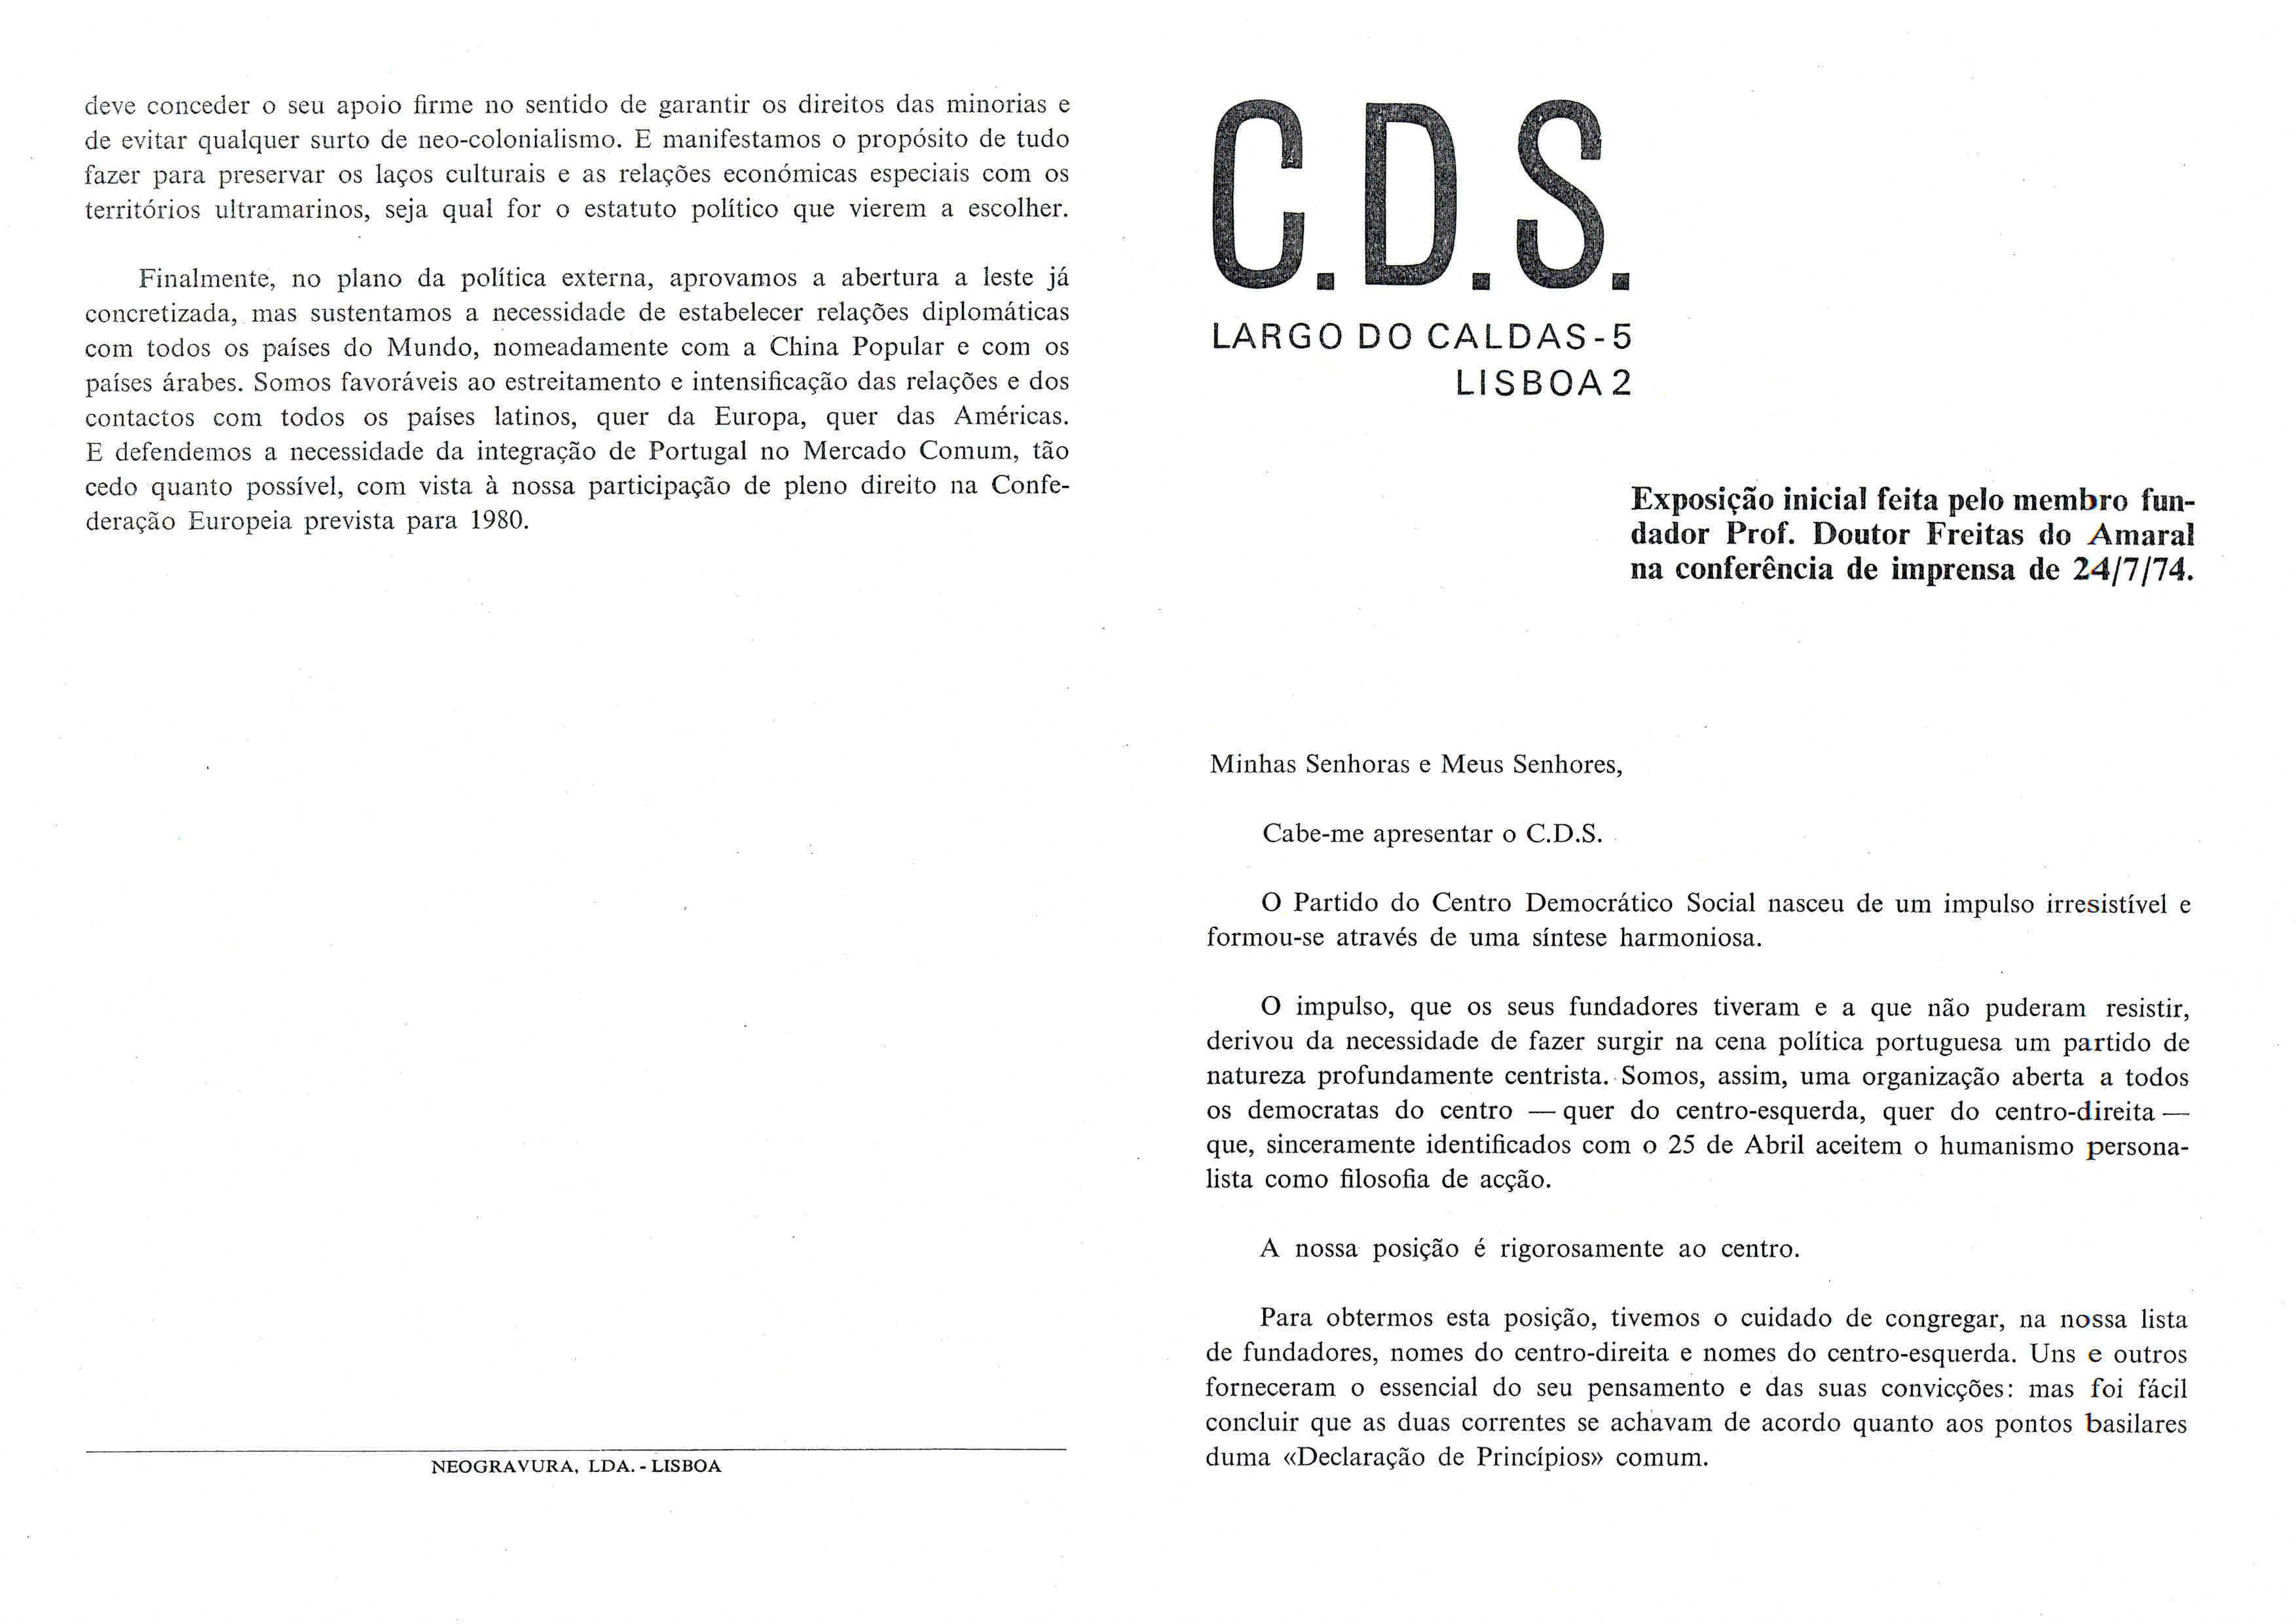 Copy of CDS- Exposição do fundador